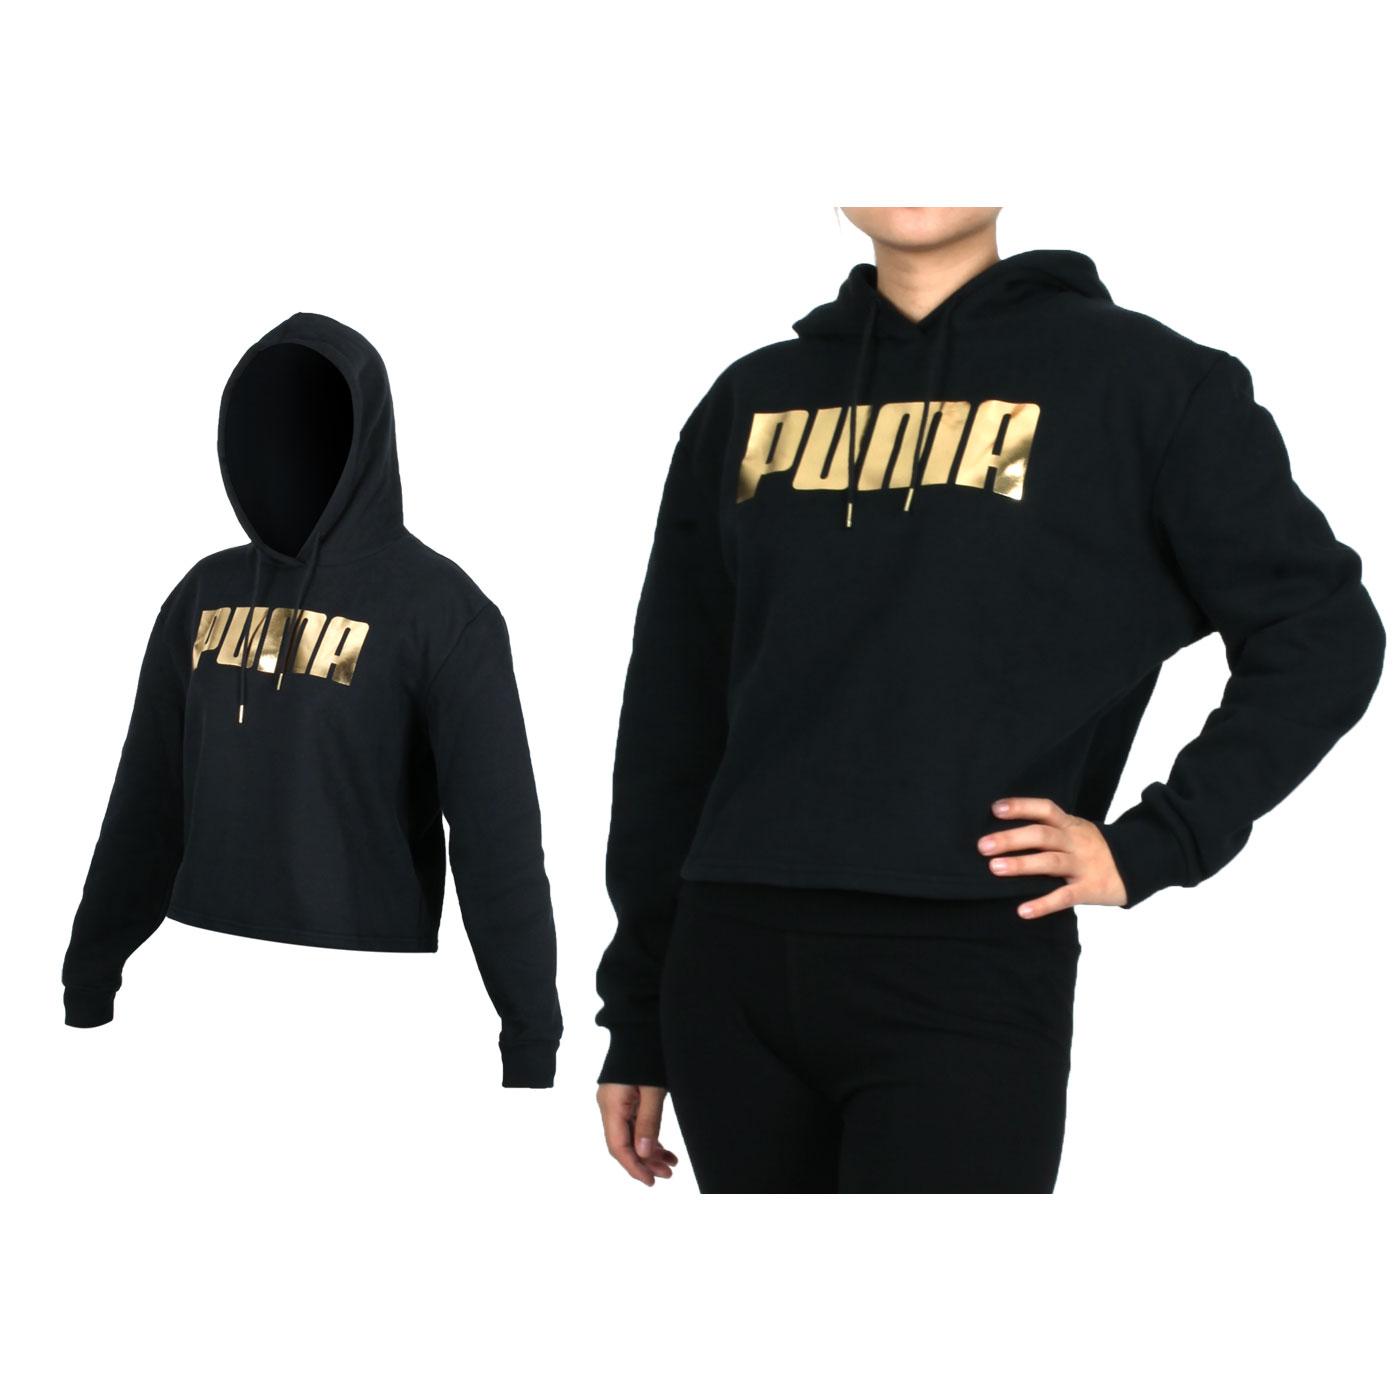 PUMA 女款基本系列Holiday長厚連帽T恤 58185701 - 黑金